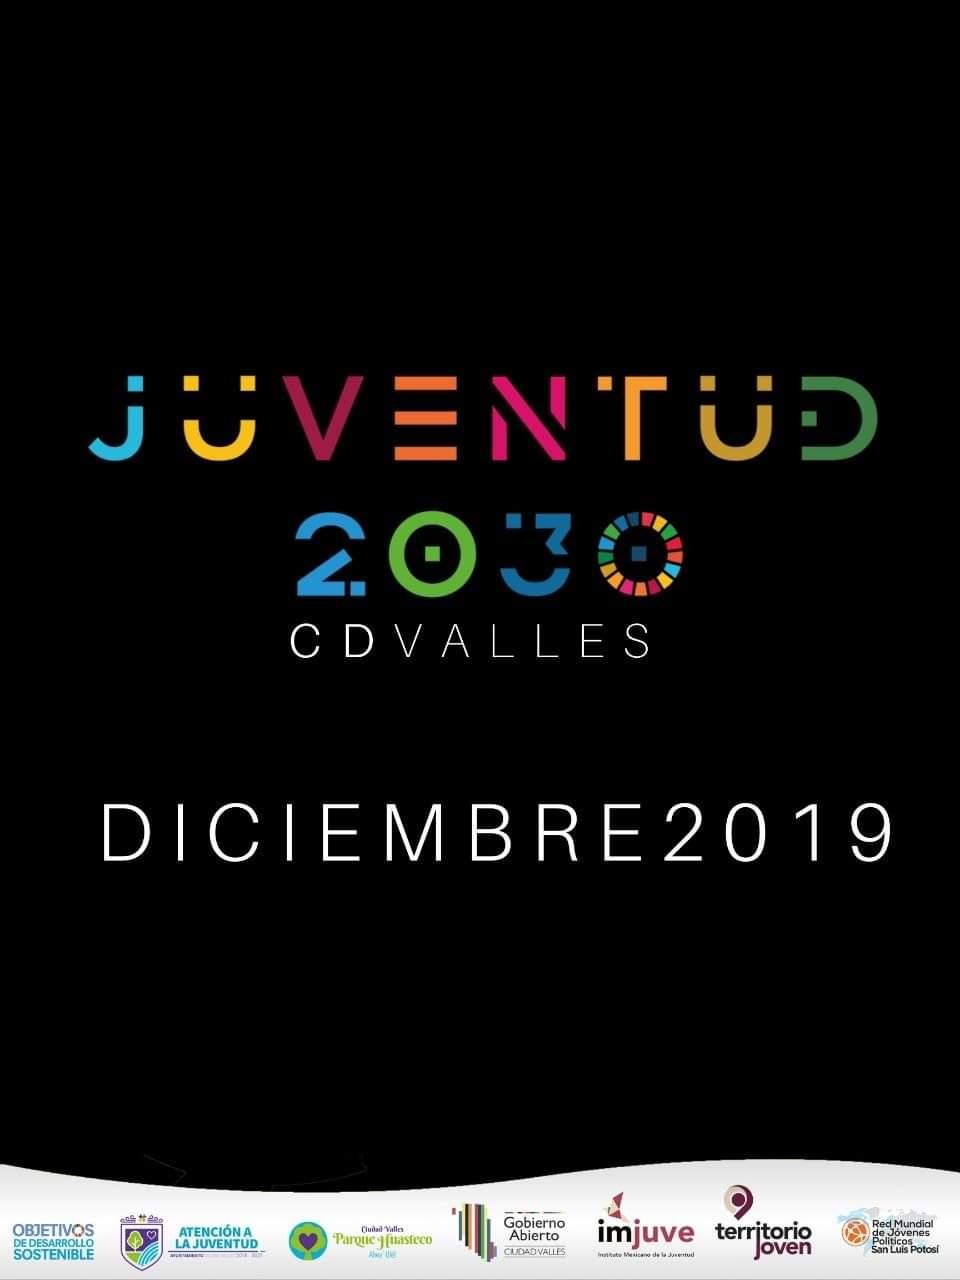 Primer Encuentro Juventud 2030, se llevará a cabo en Ciudad Valles - Código San Luis